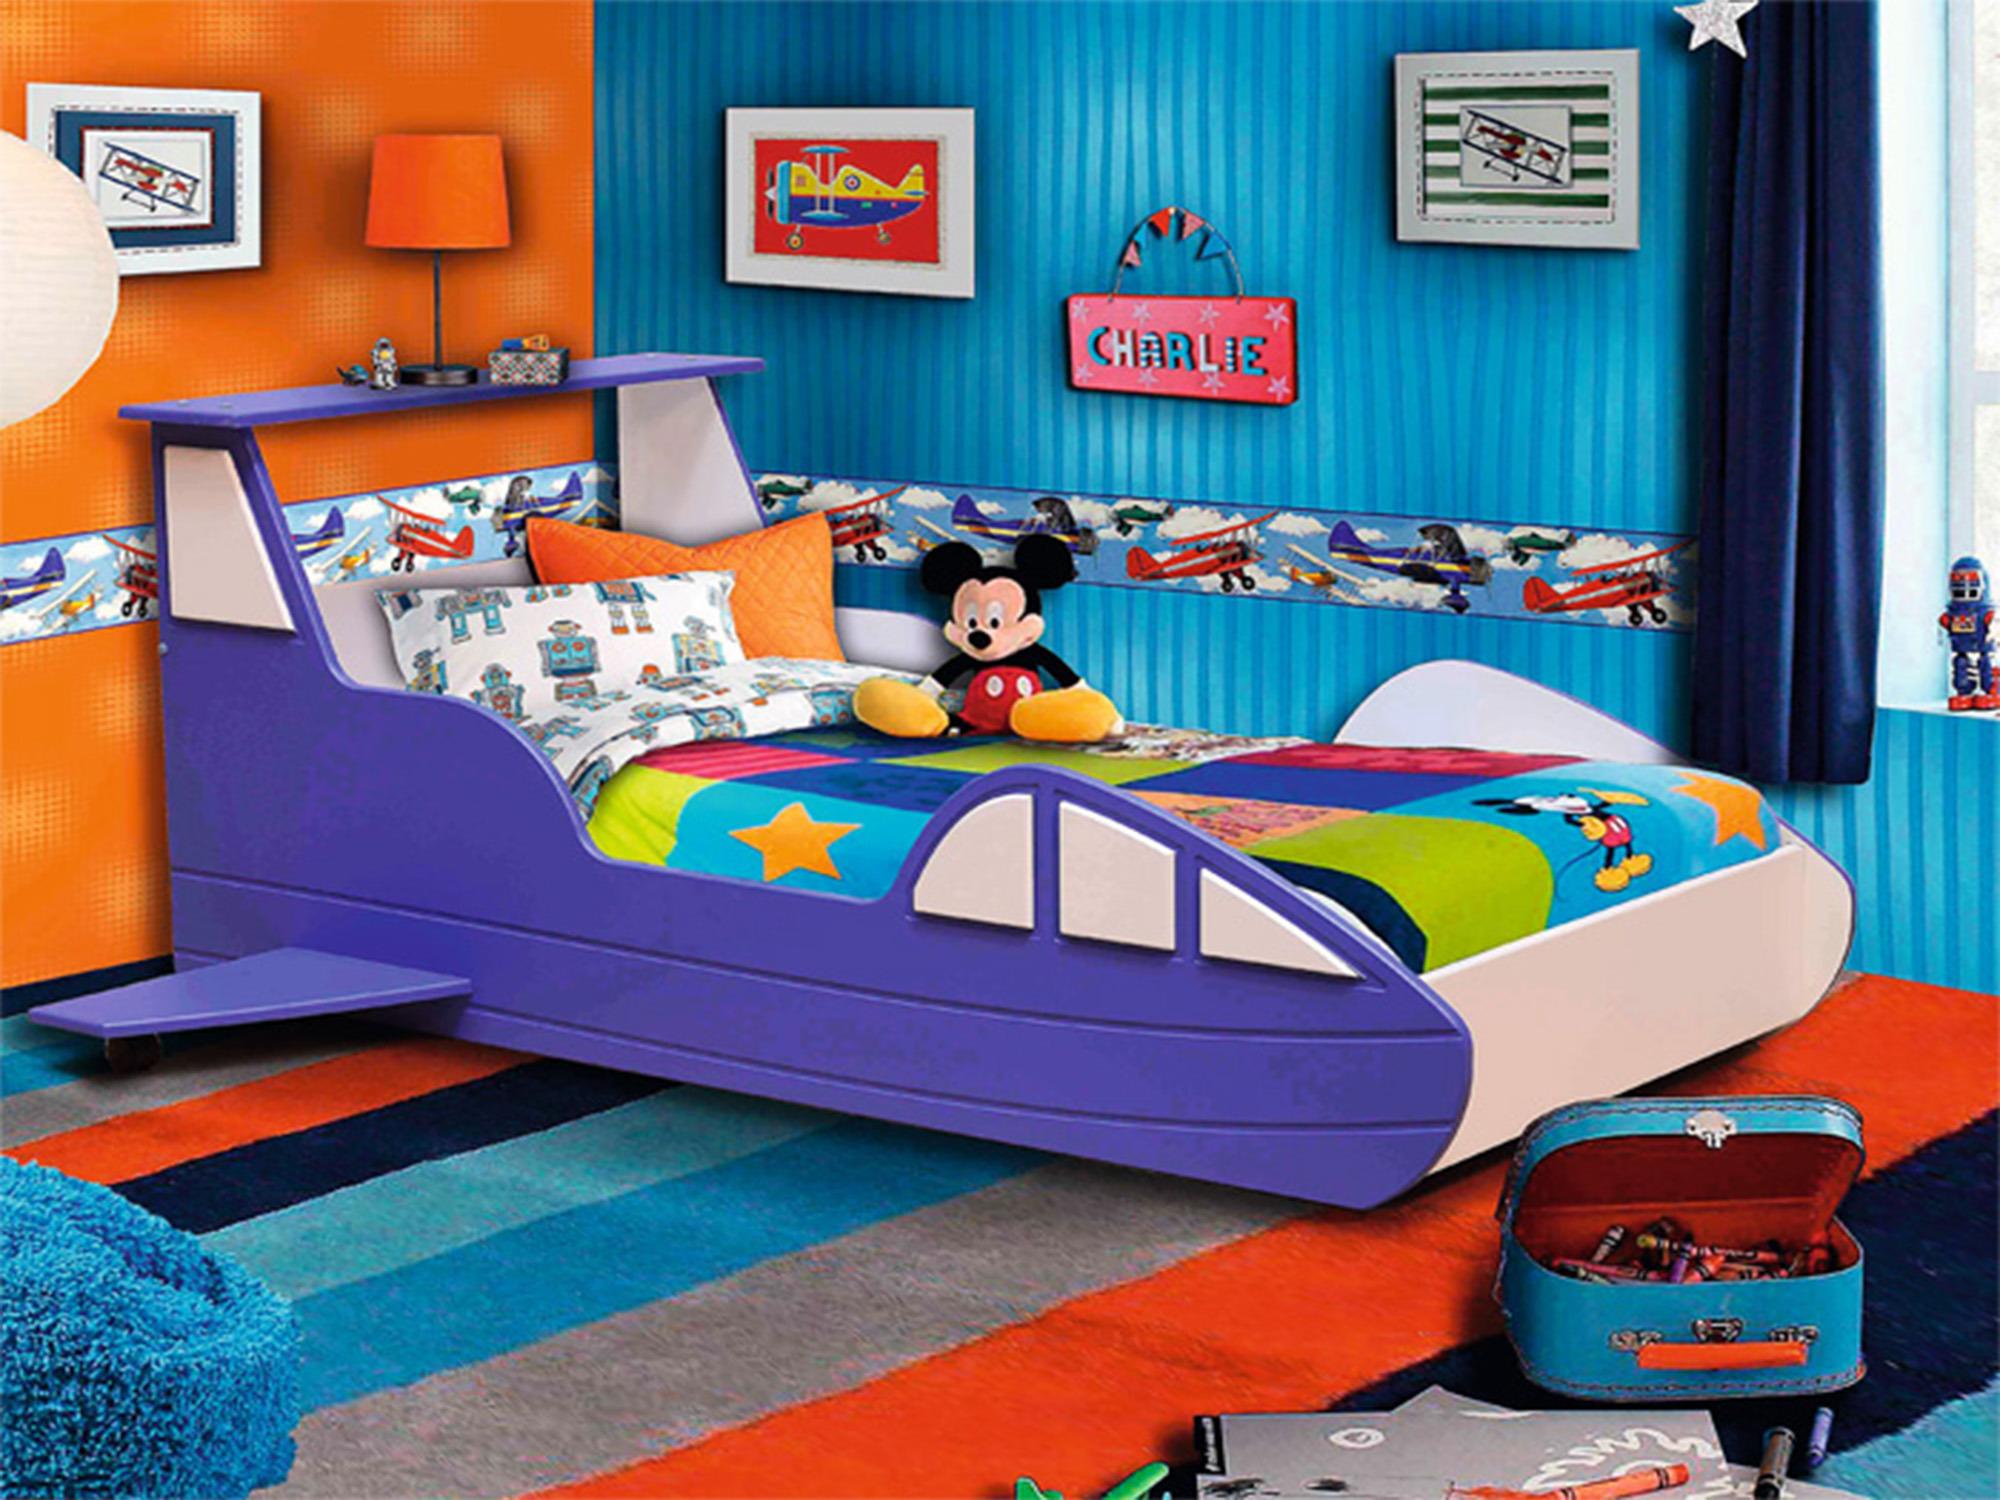 Кровать СамолетДетские кровати<br><br><br>Длина мм: 1790<br>Высота мм: 770<br>Глубина мм: 1810